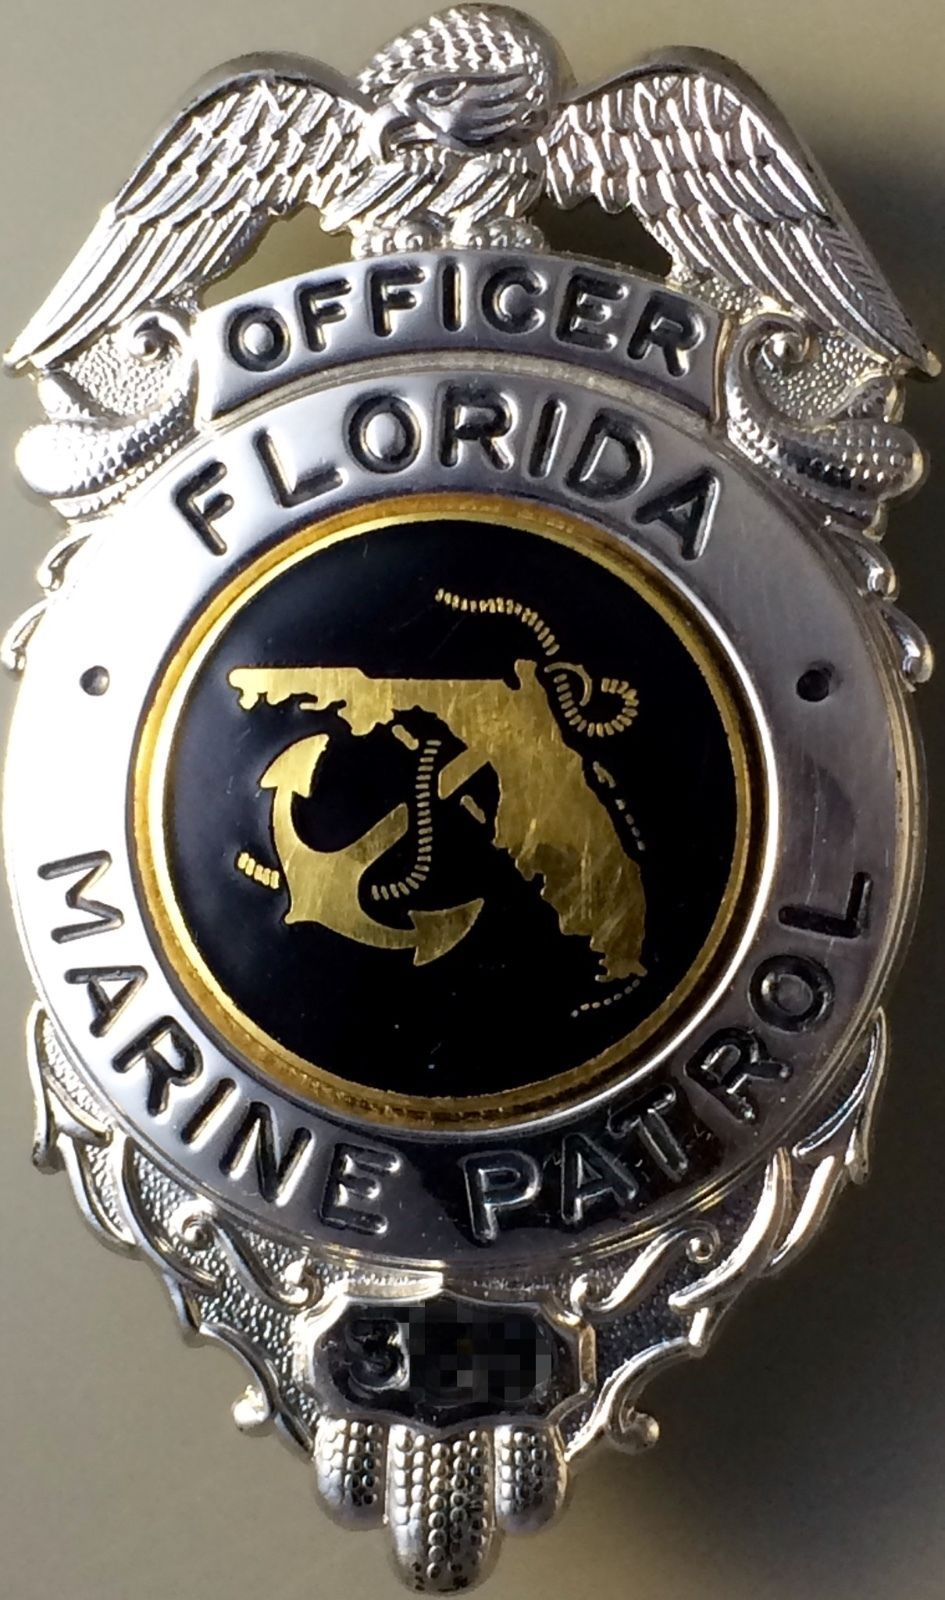 Officer, Florida Marine Patrol (Blackinton) Placas e